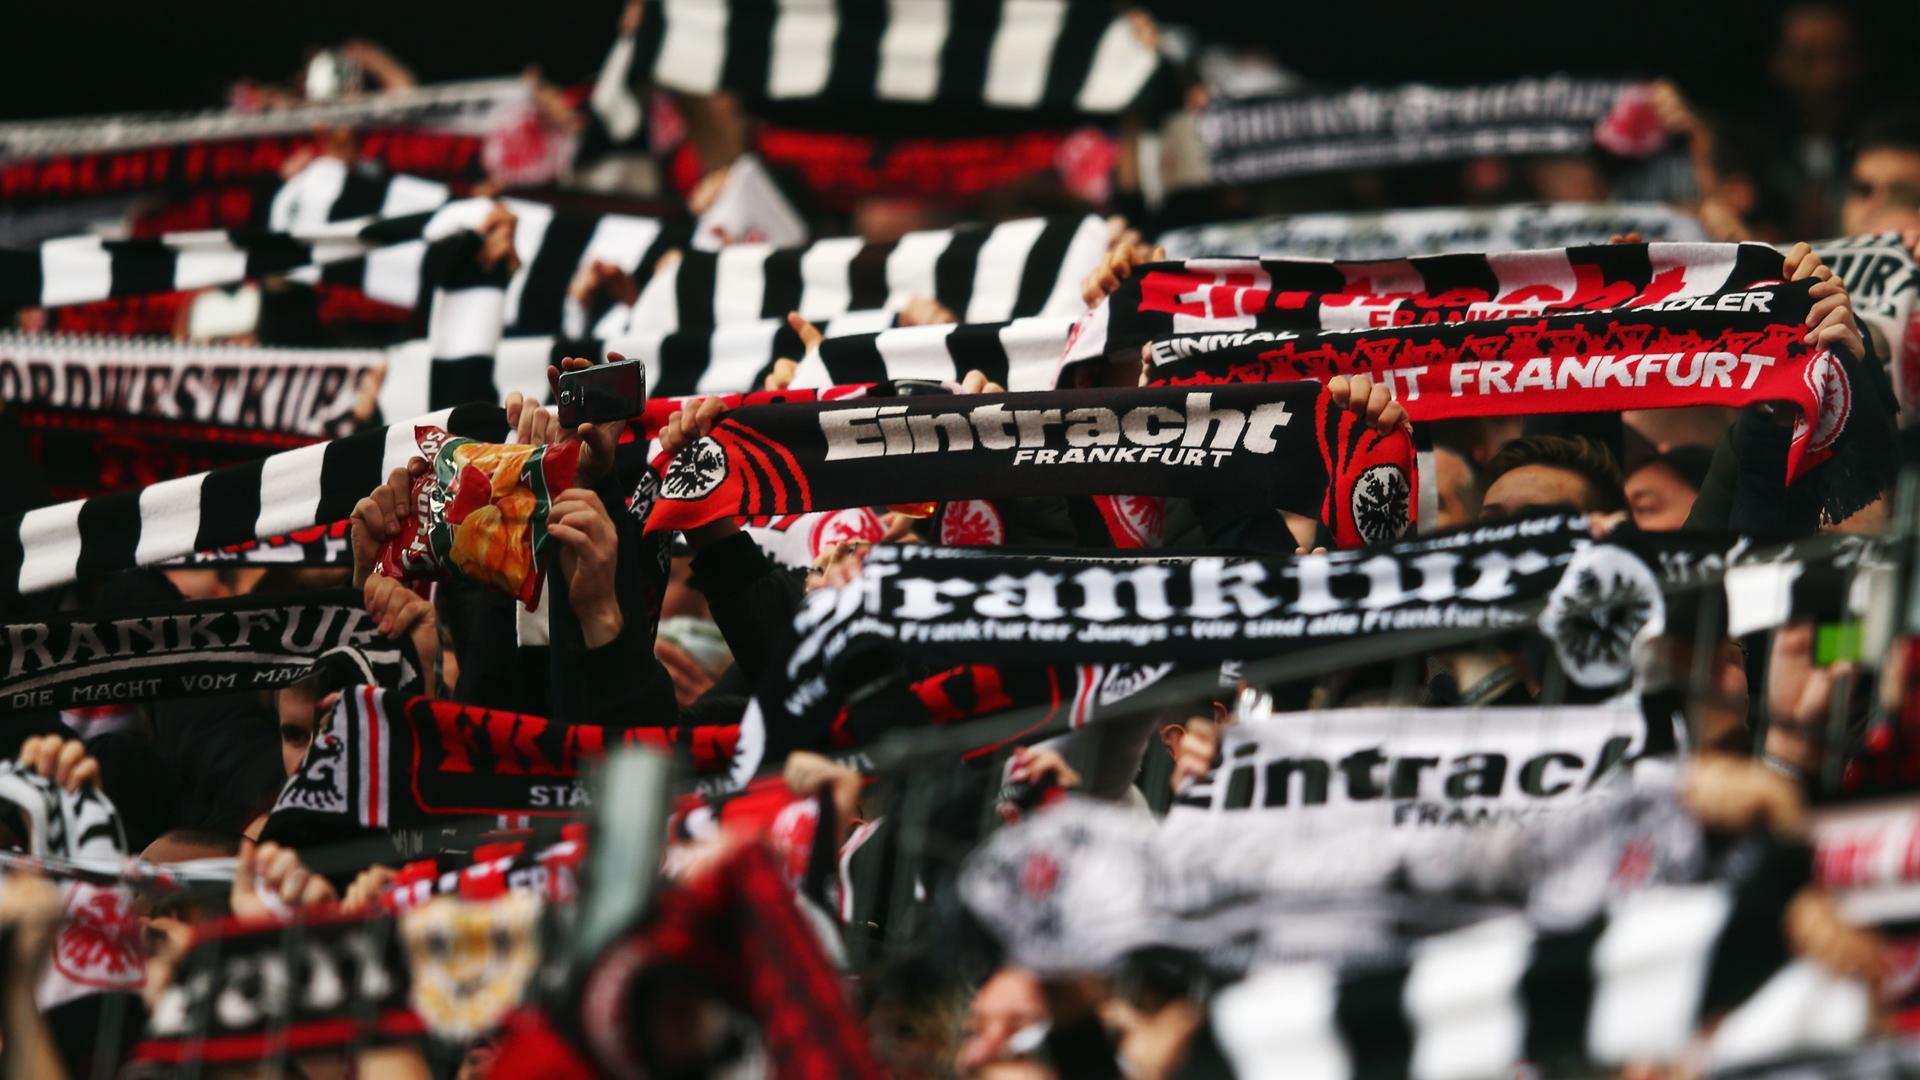 Frankfurter Rundschau Eintracht Frankfurt